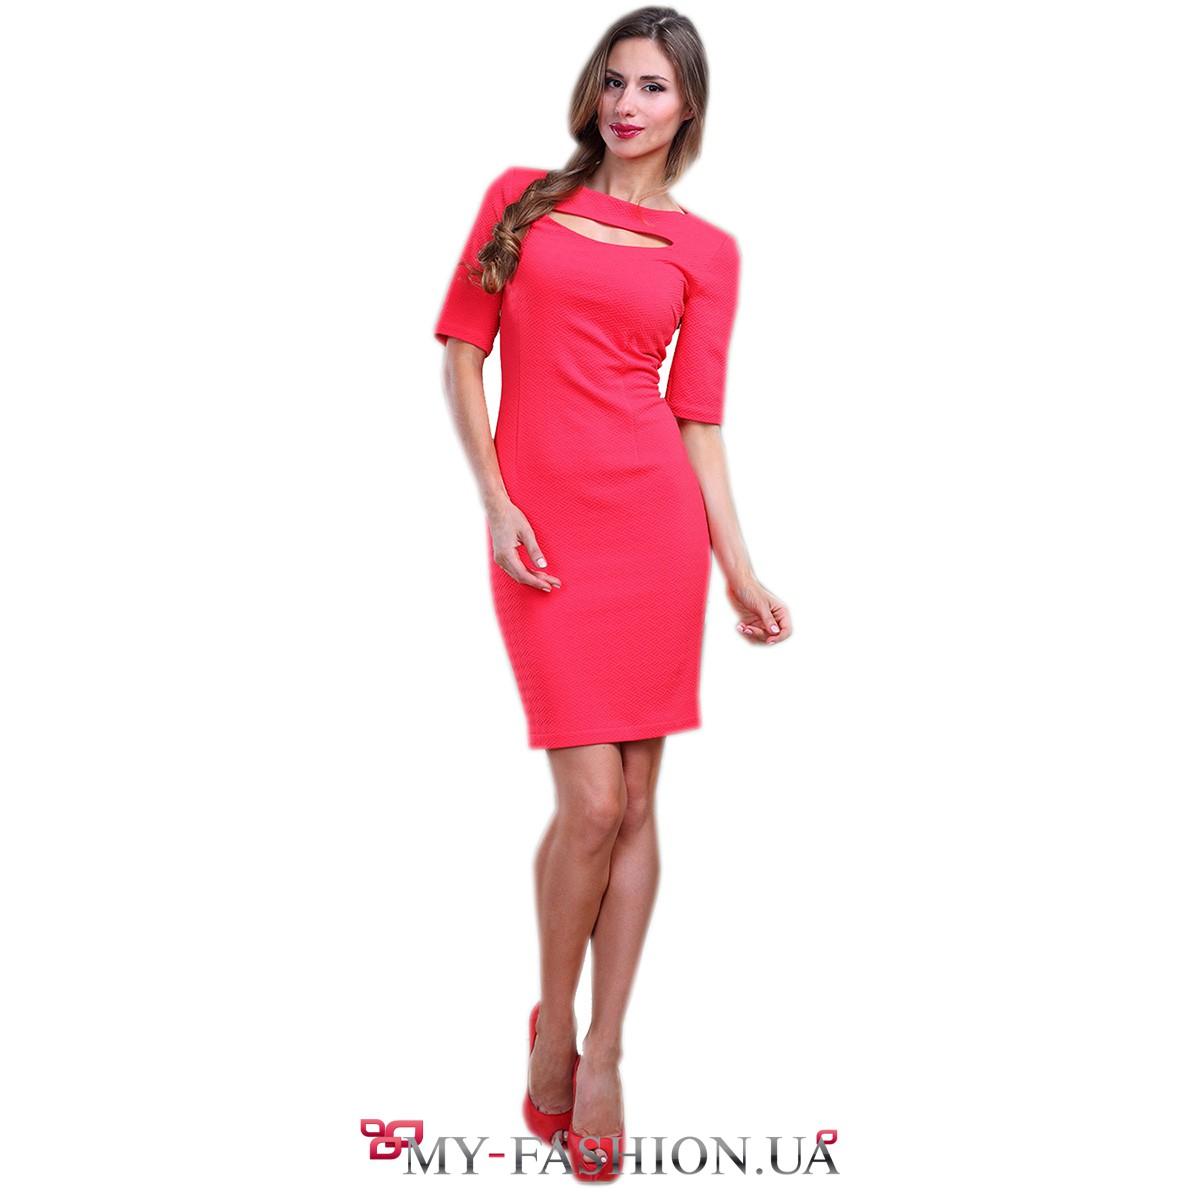 8c543a8cd6fb1e6 Коралловое платье-футляр с вырезом на груди купить в интернет ...